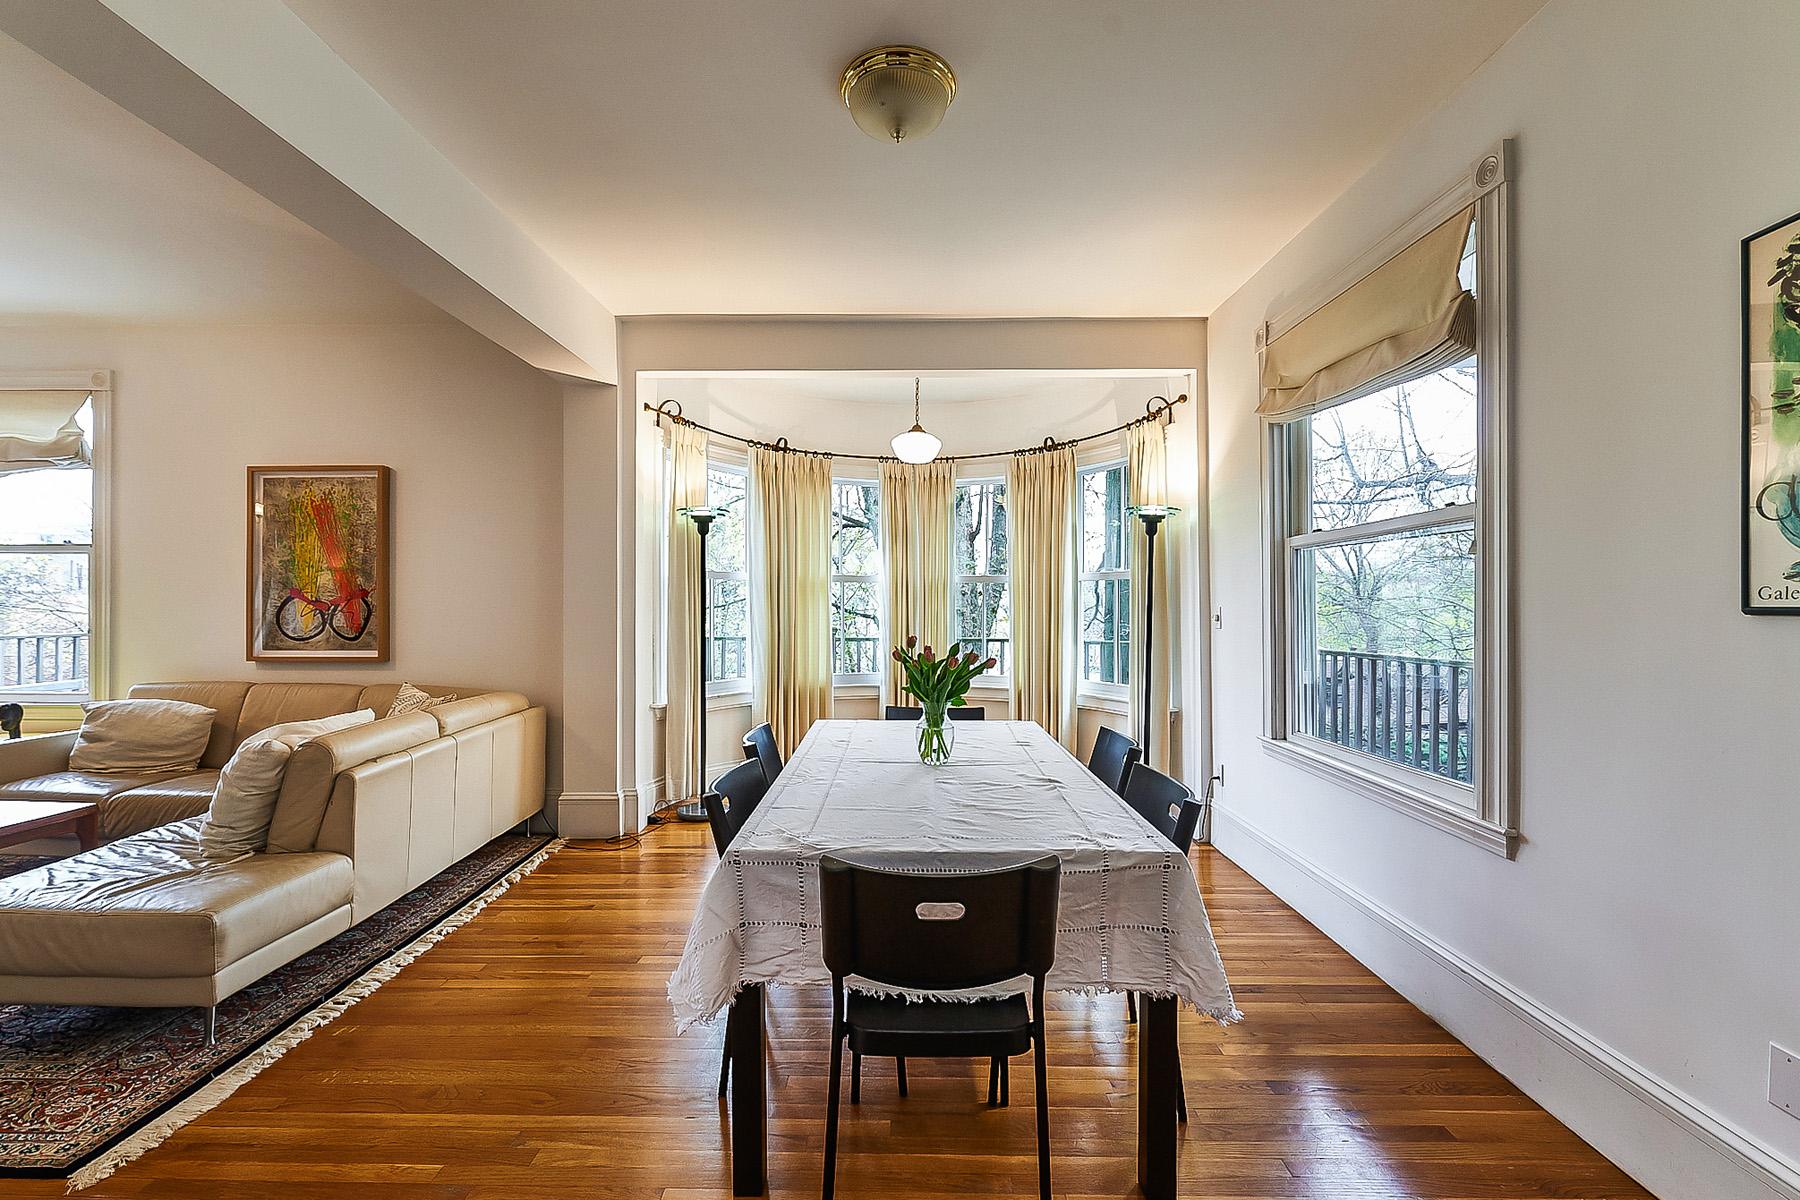 Частный односемейный дом для того Продажа на 32 Mason Terrace, Brookline Brookline, Массачусетс, 02446 Соединенные Штаты